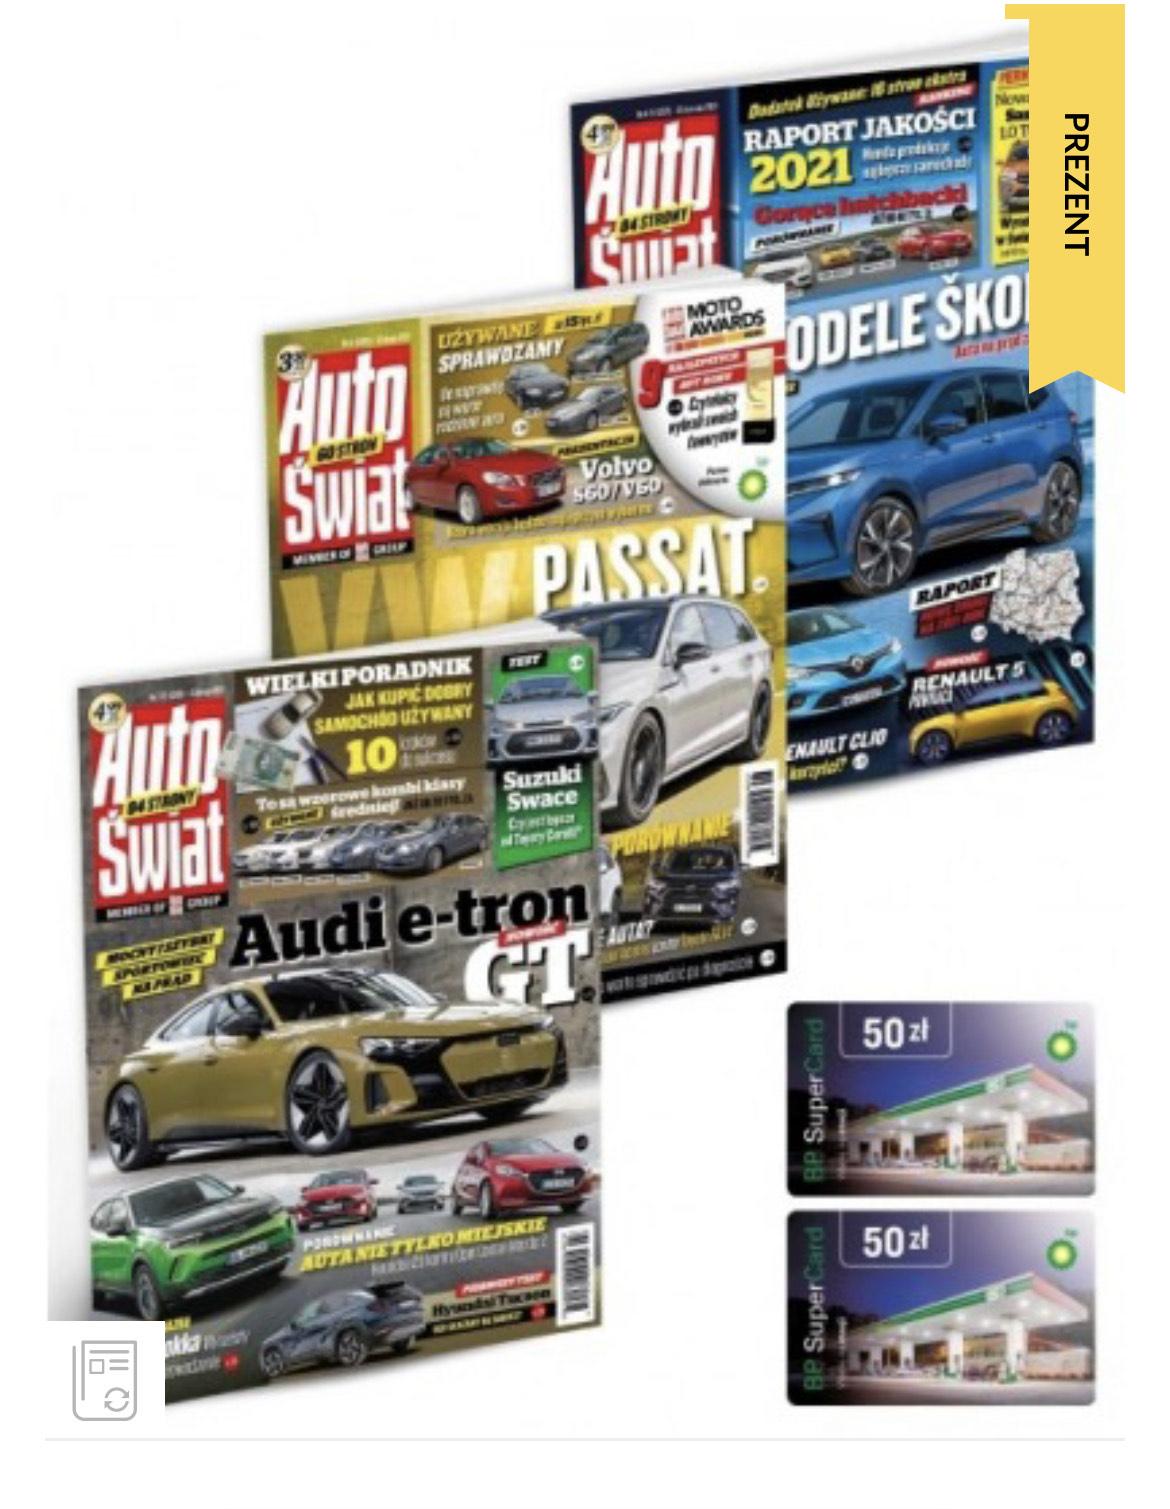 Roczna prenumerata Auto Świat + bon 100zl na stacji BP(np. Na paliwo)